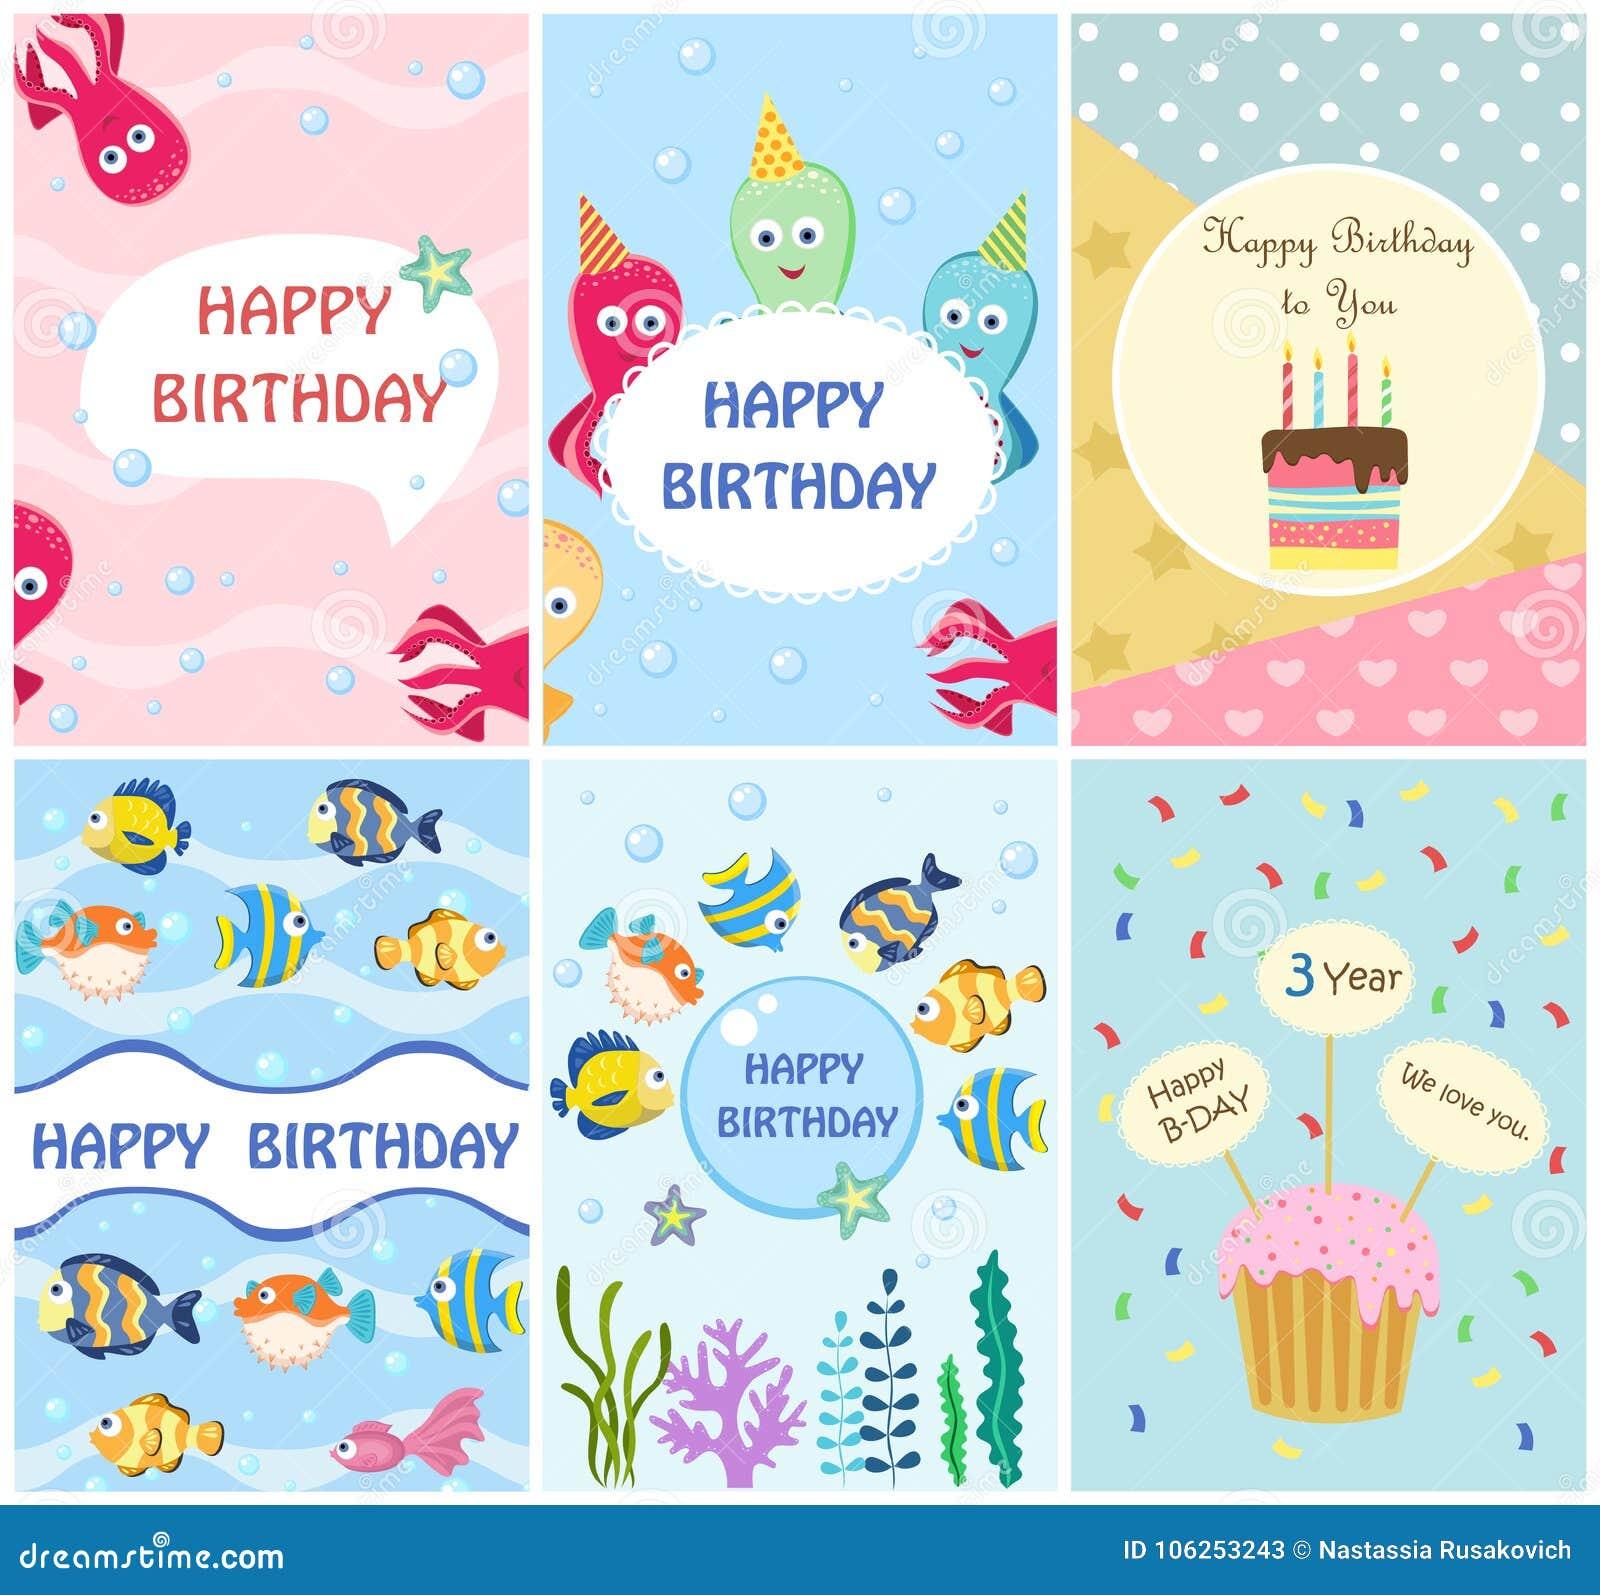 Plantillas de las tarjetas de felicitación del feliz cumpleaños e invitaciones del partido, sistema de postales